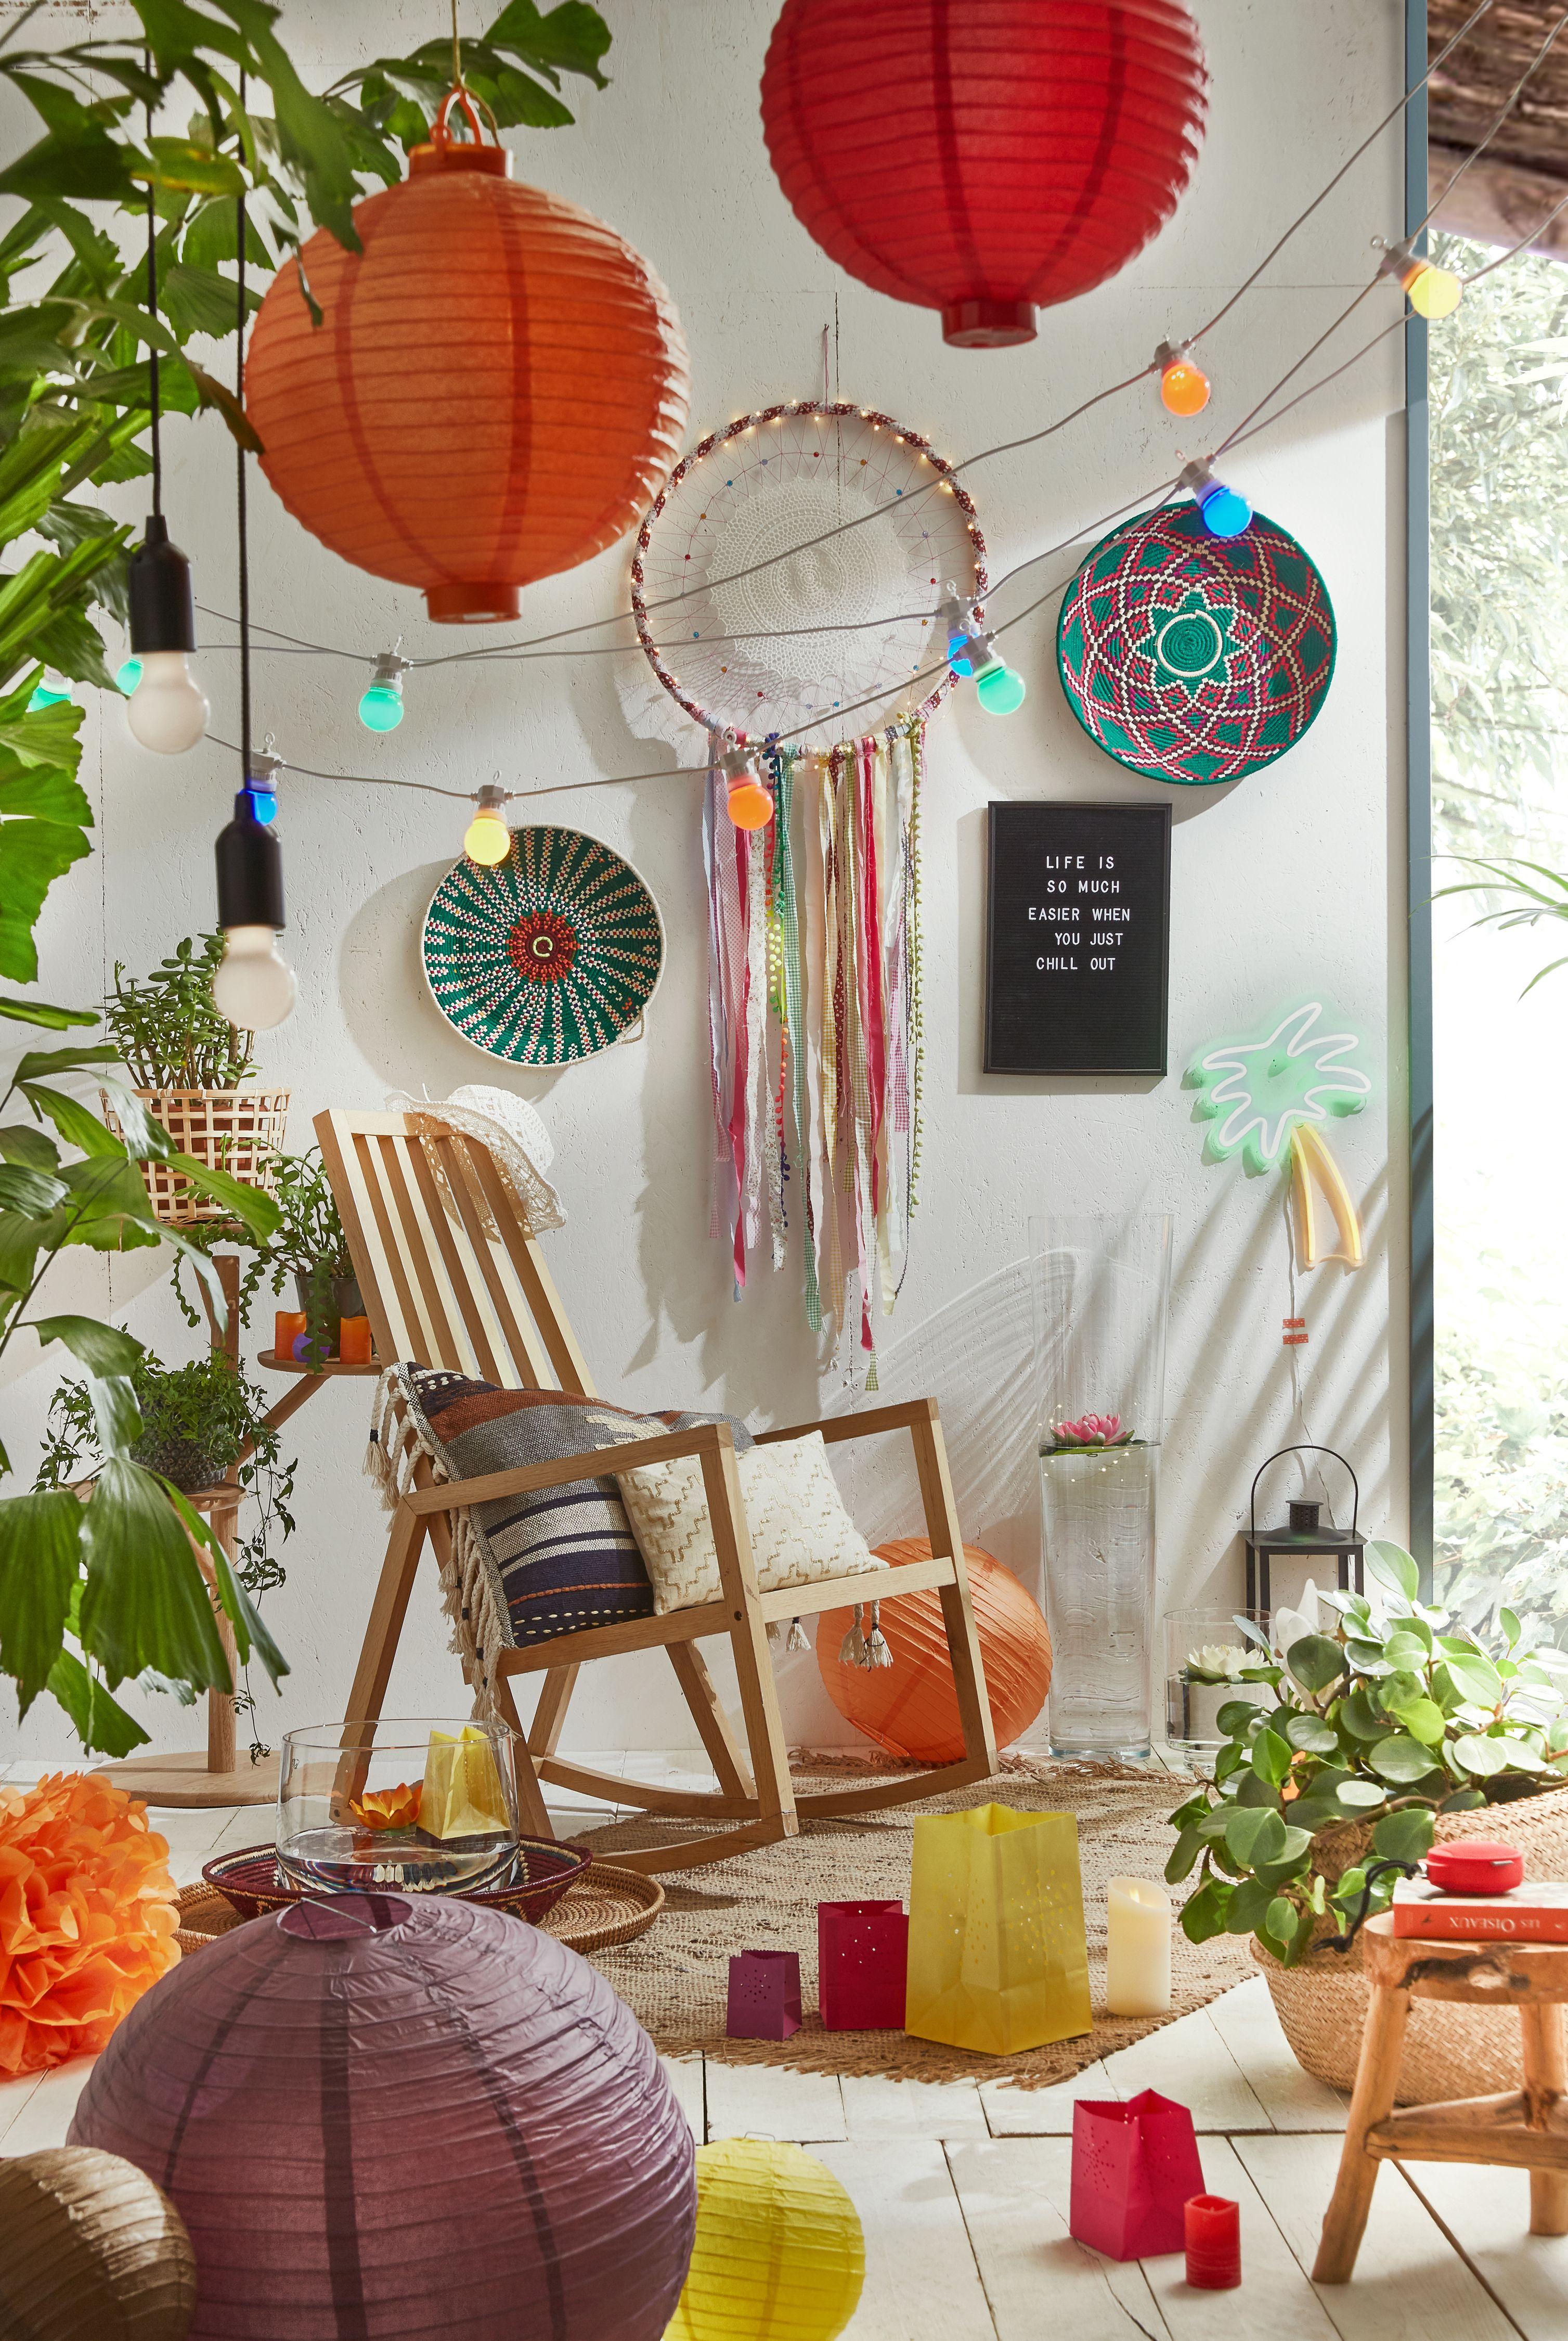 Comment Accrocher Une Guirlande Lumineuse Au Mur jardin, terrasse, patio, déco outdoor sublime avec